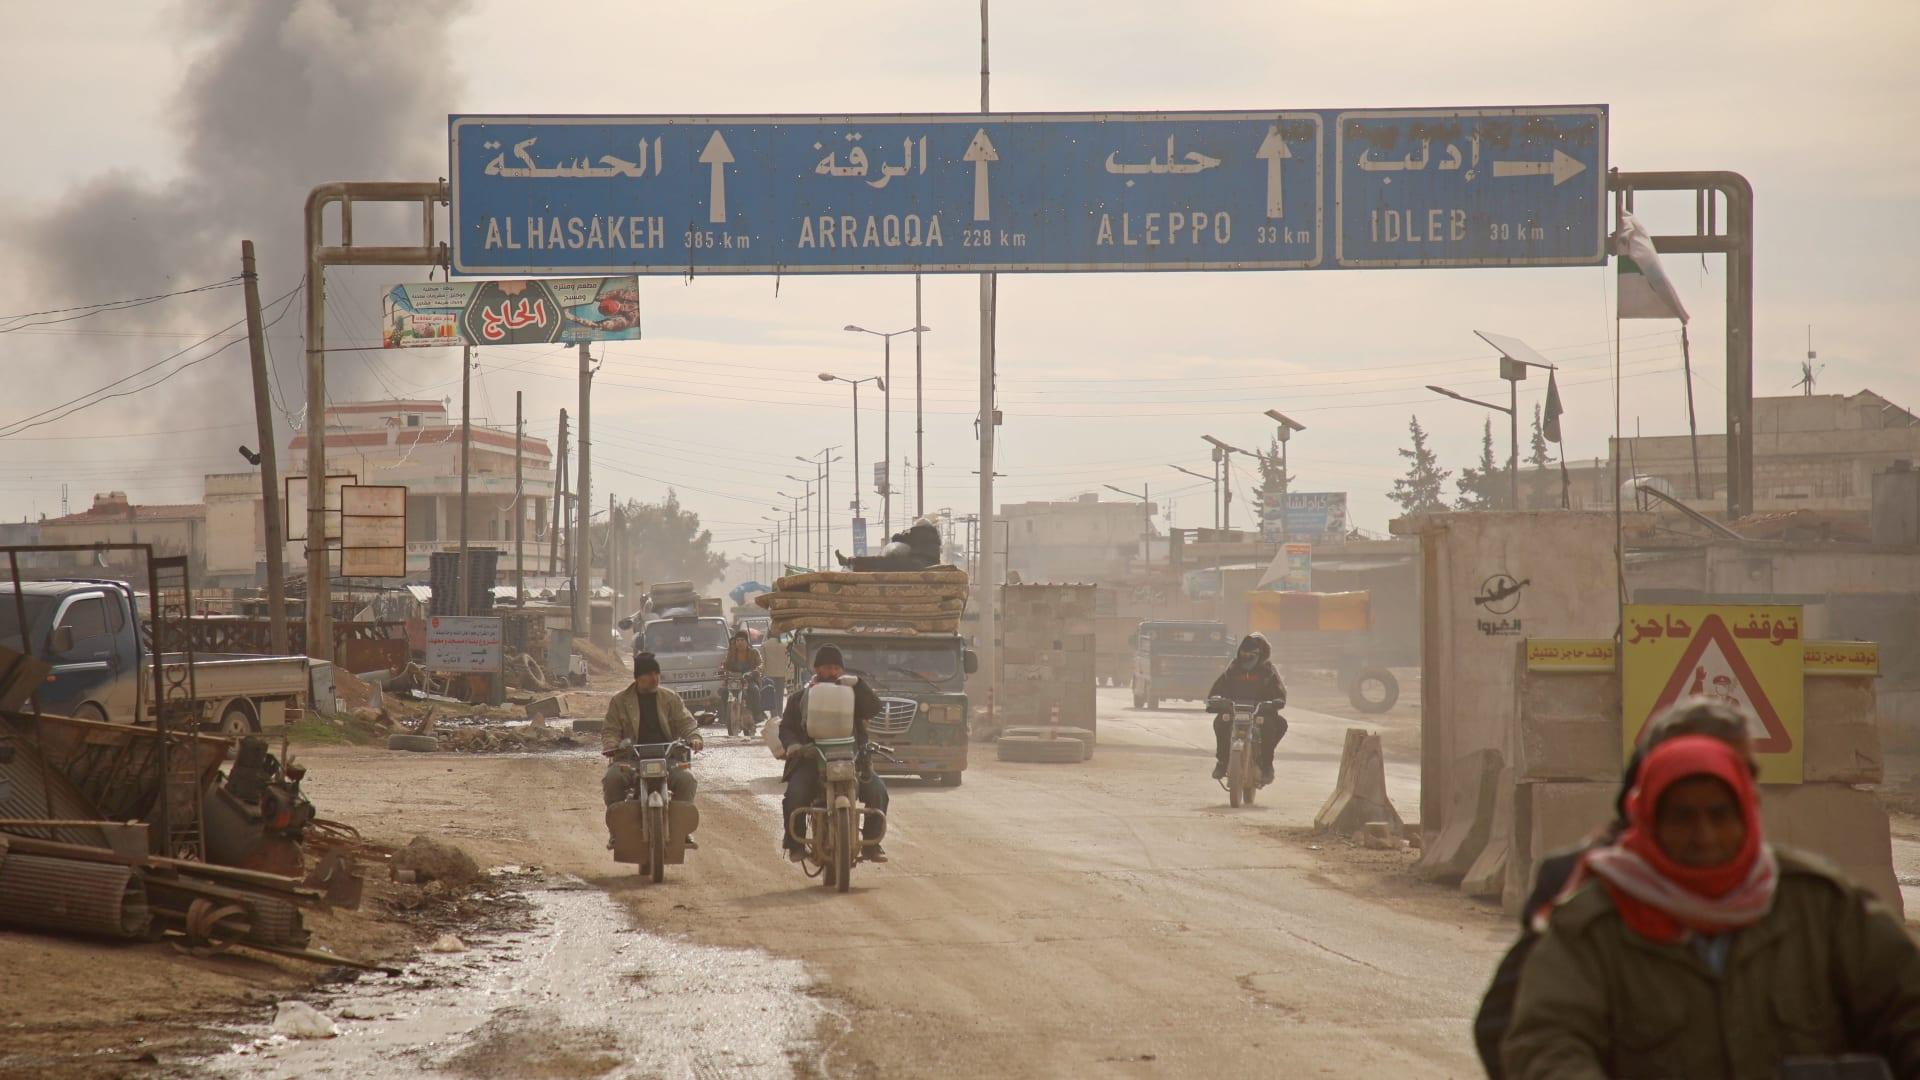 الأمم المتحدة: 350 ألف نازح بشمال غرب سوريا منذ ديسمبر